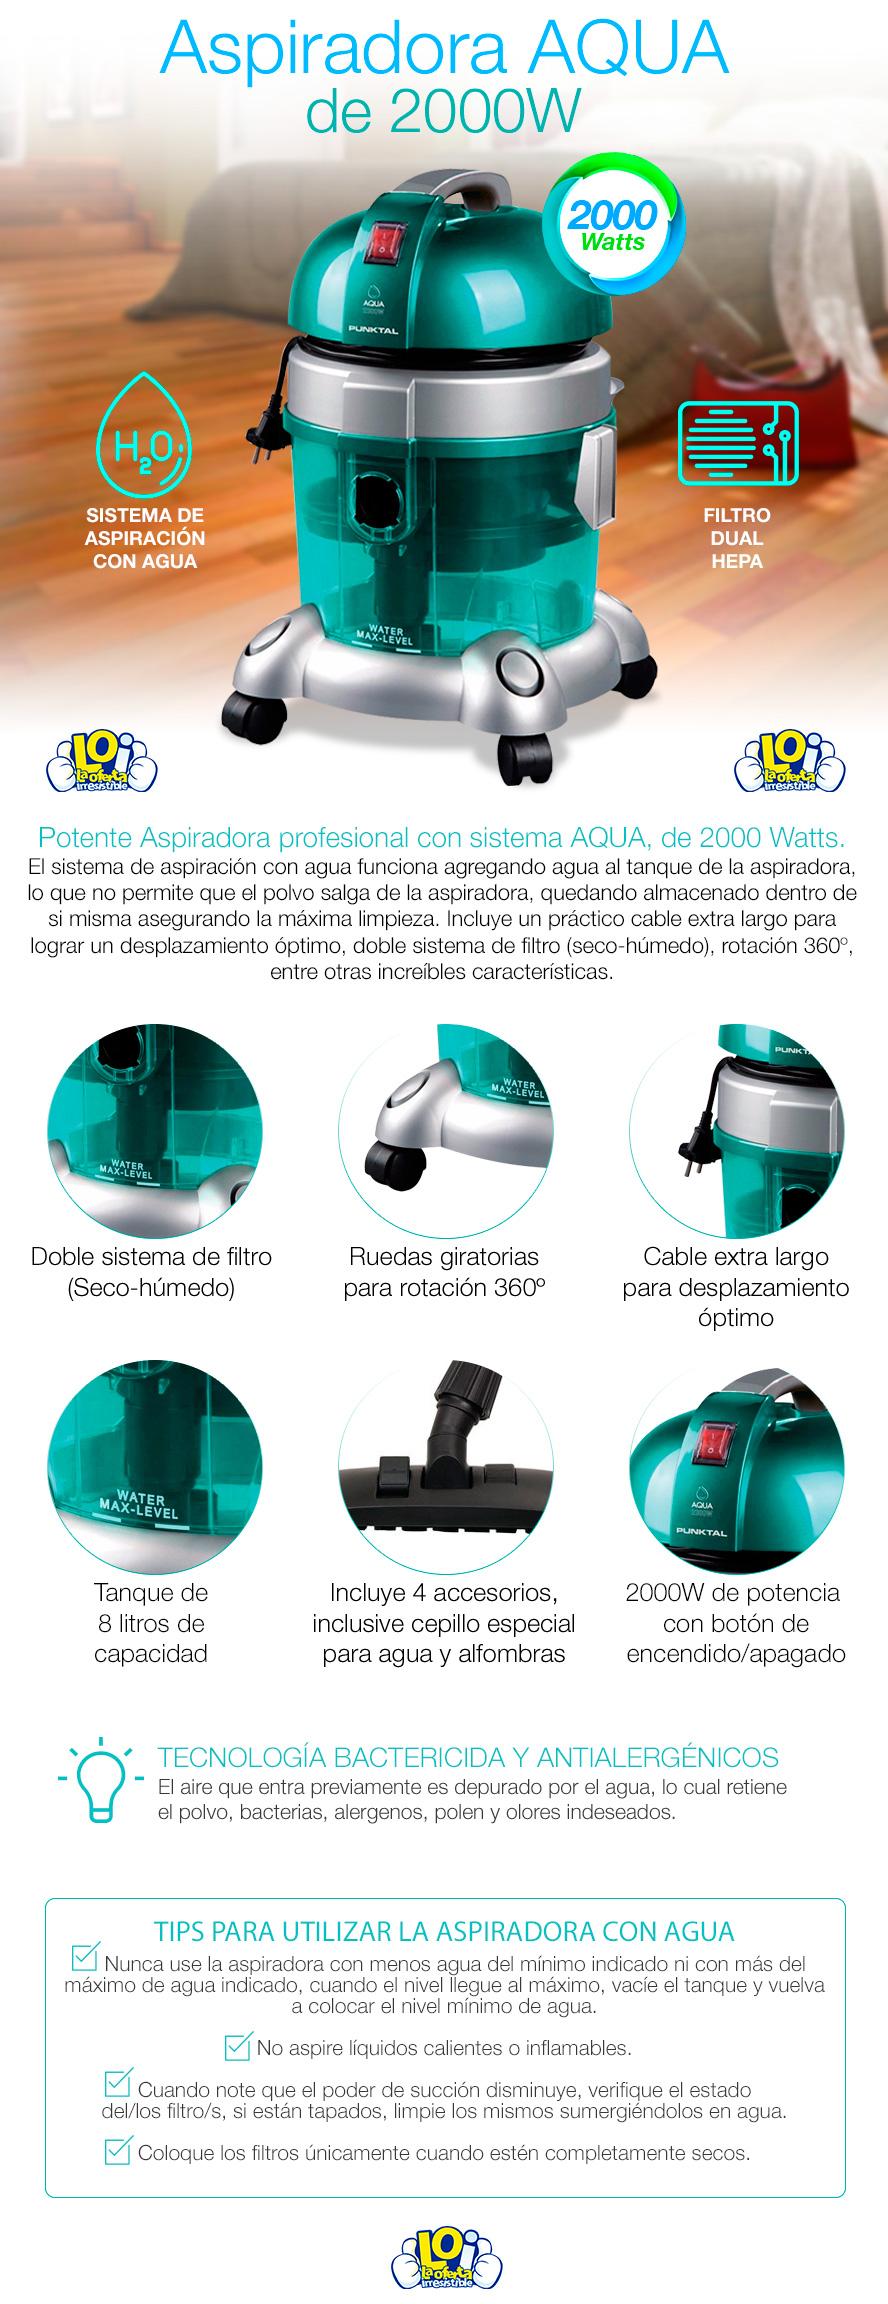 Aspiradora profesional punktal 2000w con filtro hepa for Aspiradora con filtro hepa